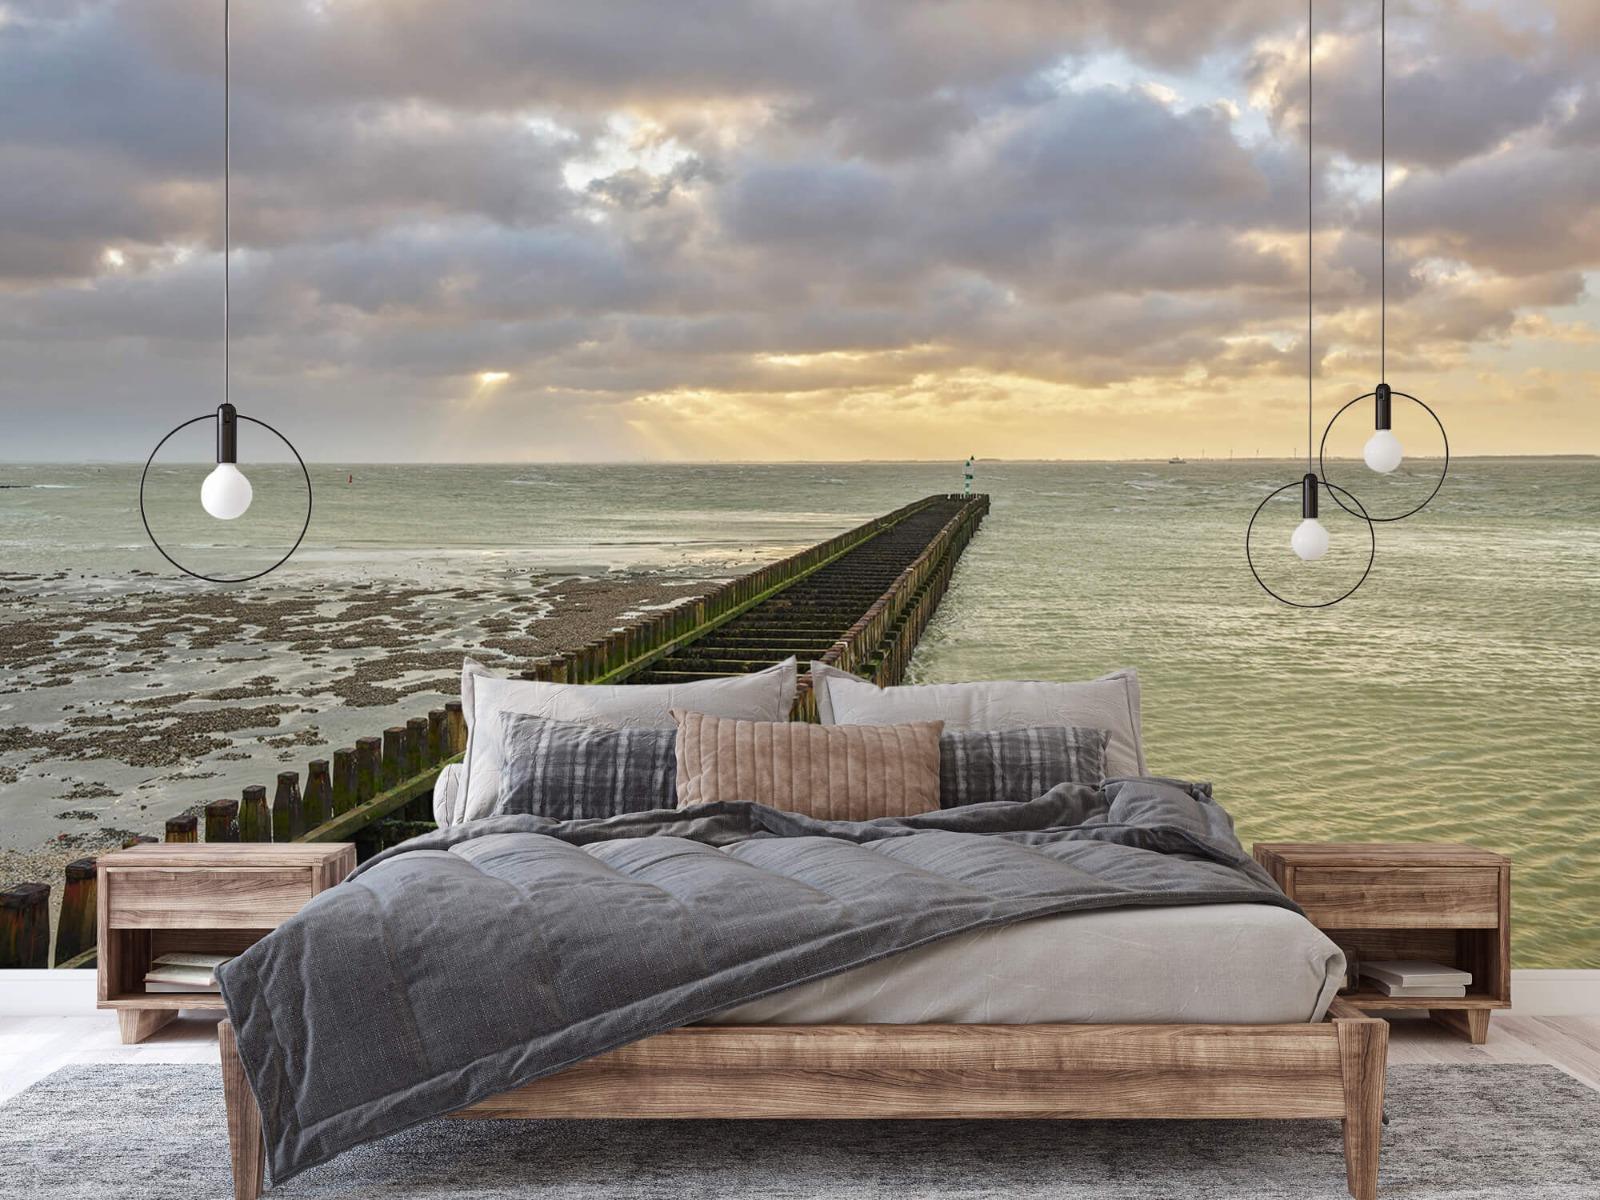 Zeeën en Oceanen - Golfbreker aan de kust - Slaapkamer 2